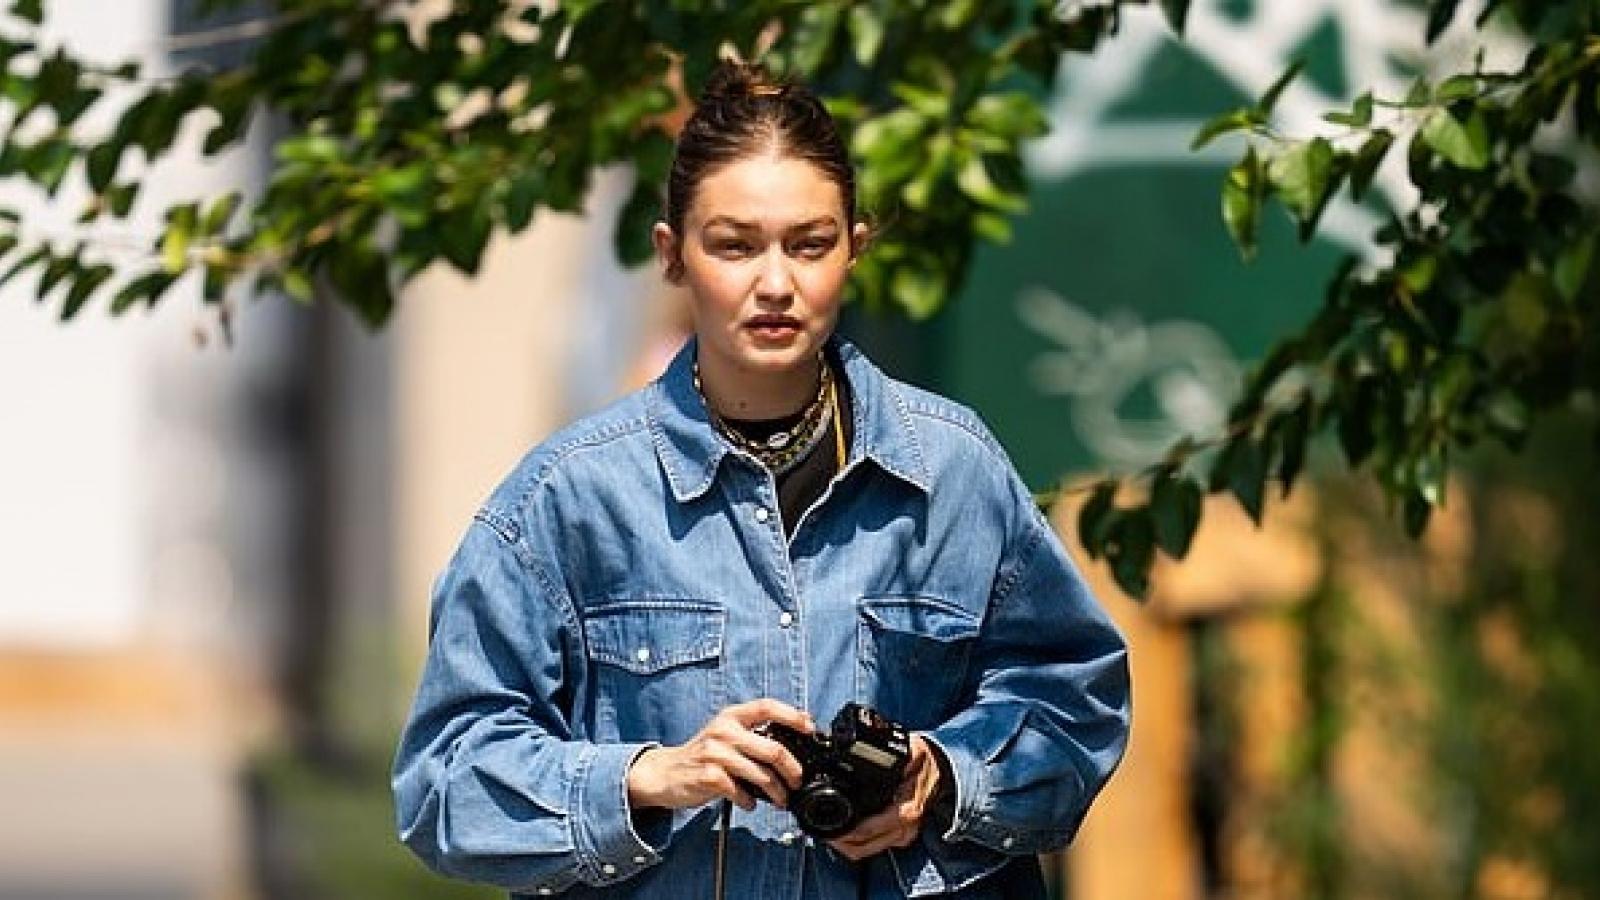 Gigi Hadid thể hiện niềm đam mê với nhiếp ảnh ngay trên phố